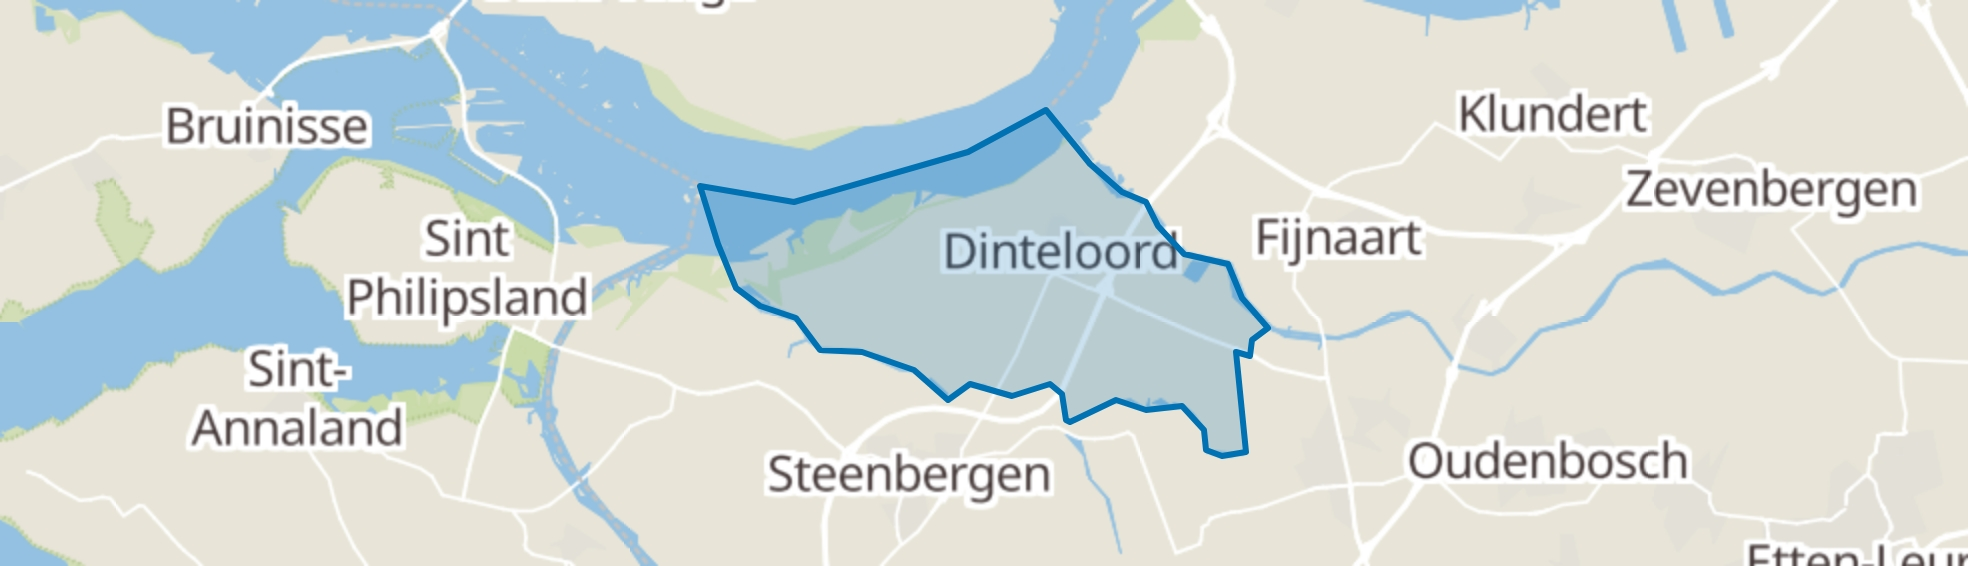 Dinteloord map